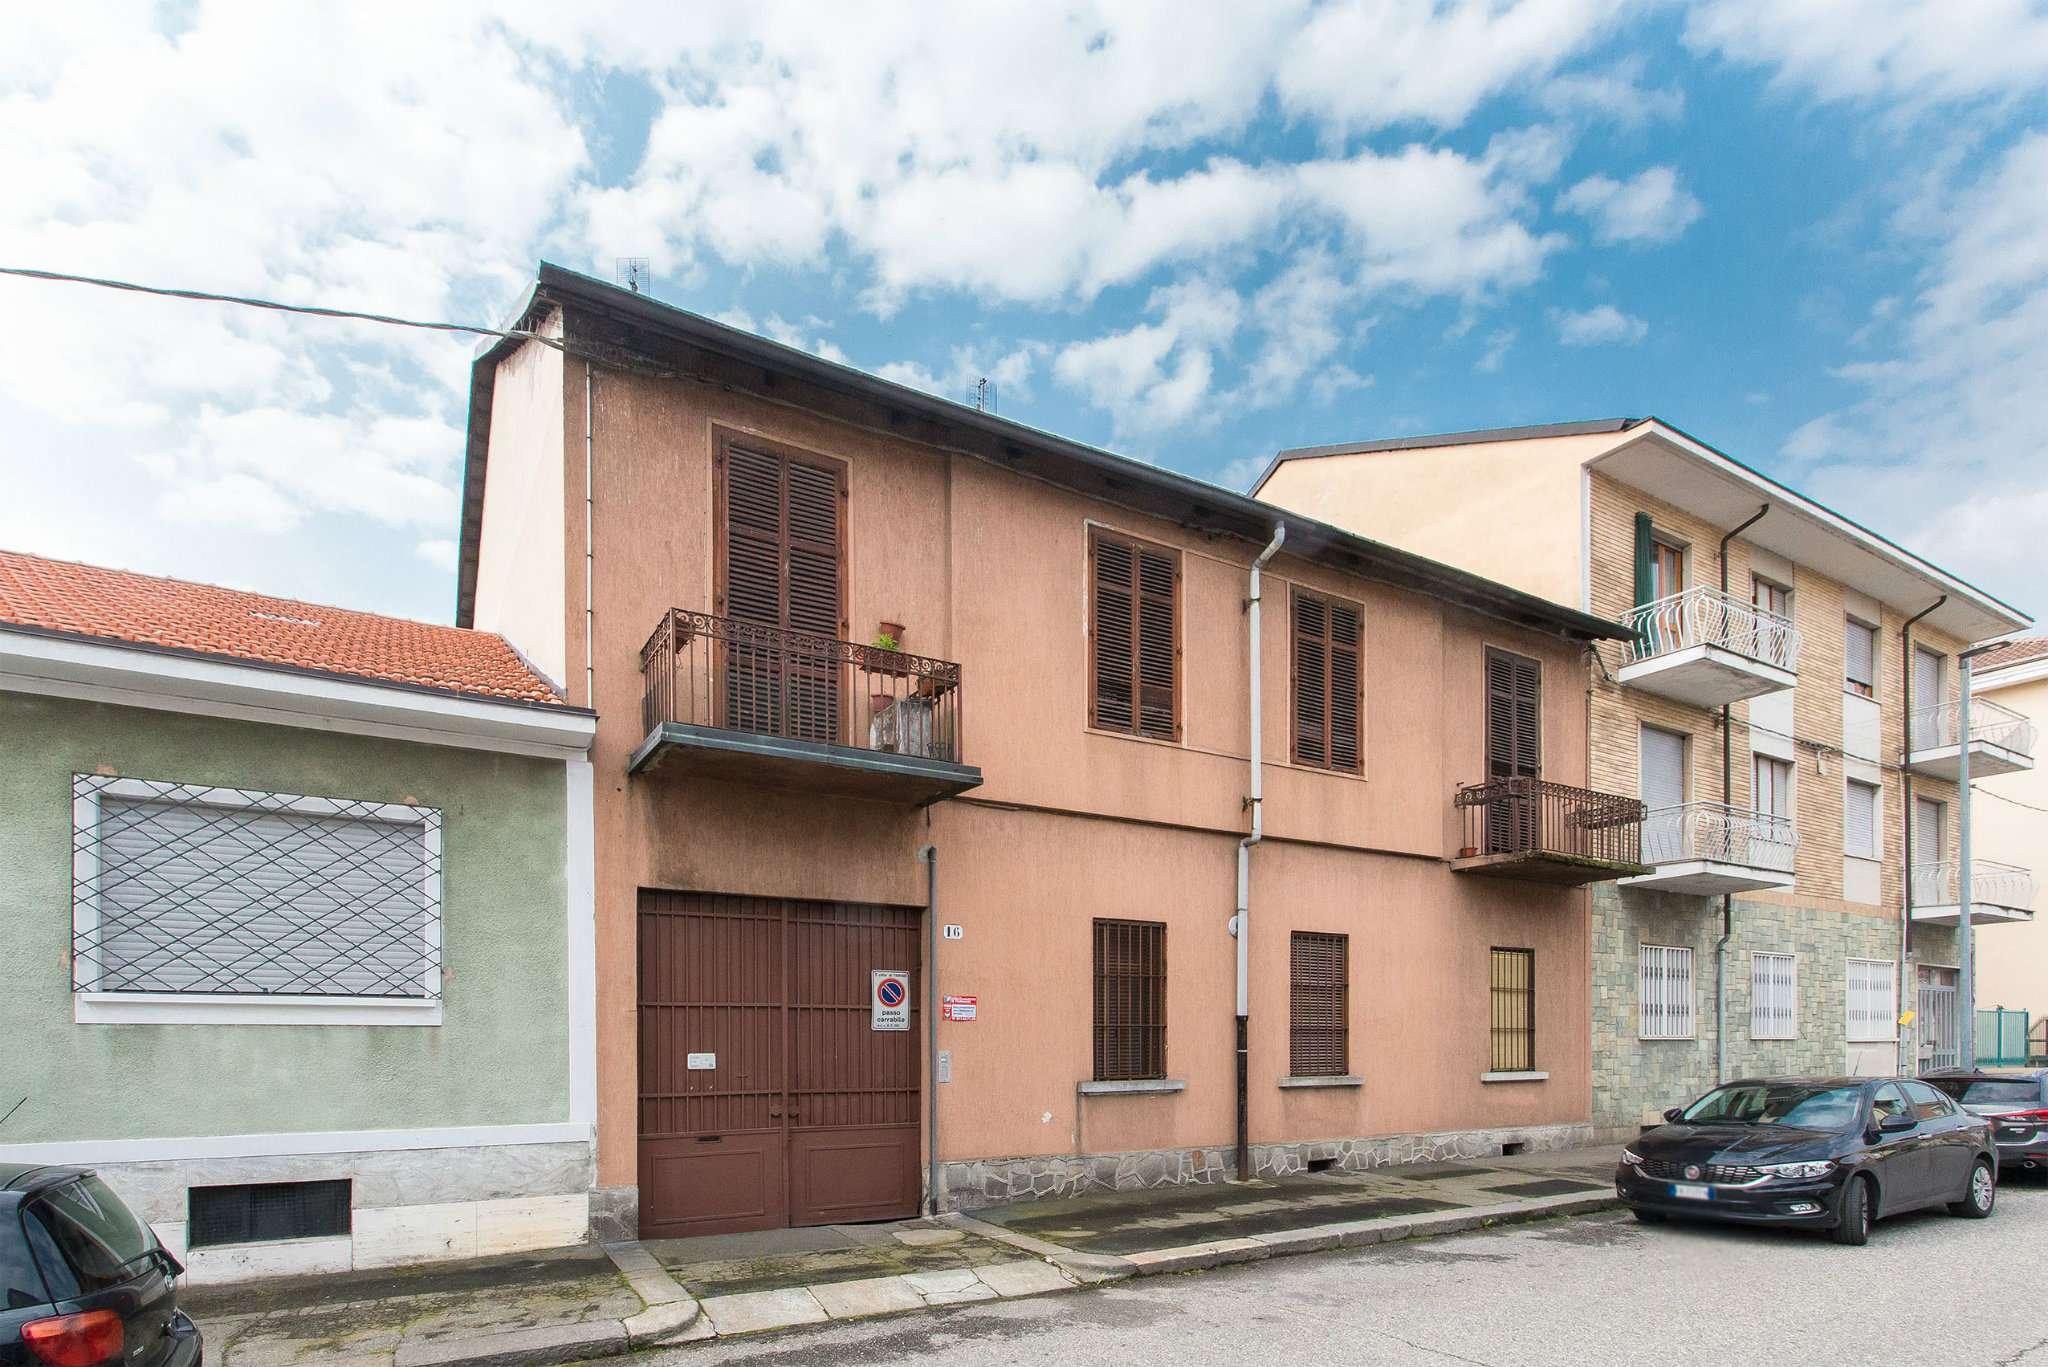 Immagine immobiliare Casetta indipendente Comodo ai servizi, pressi corso Vercelli, vendiamo intera casa con giardino di 1000 metri con possibilità di costruzione.La proprietà è indipendente su 2 lati ed ha due piani con...